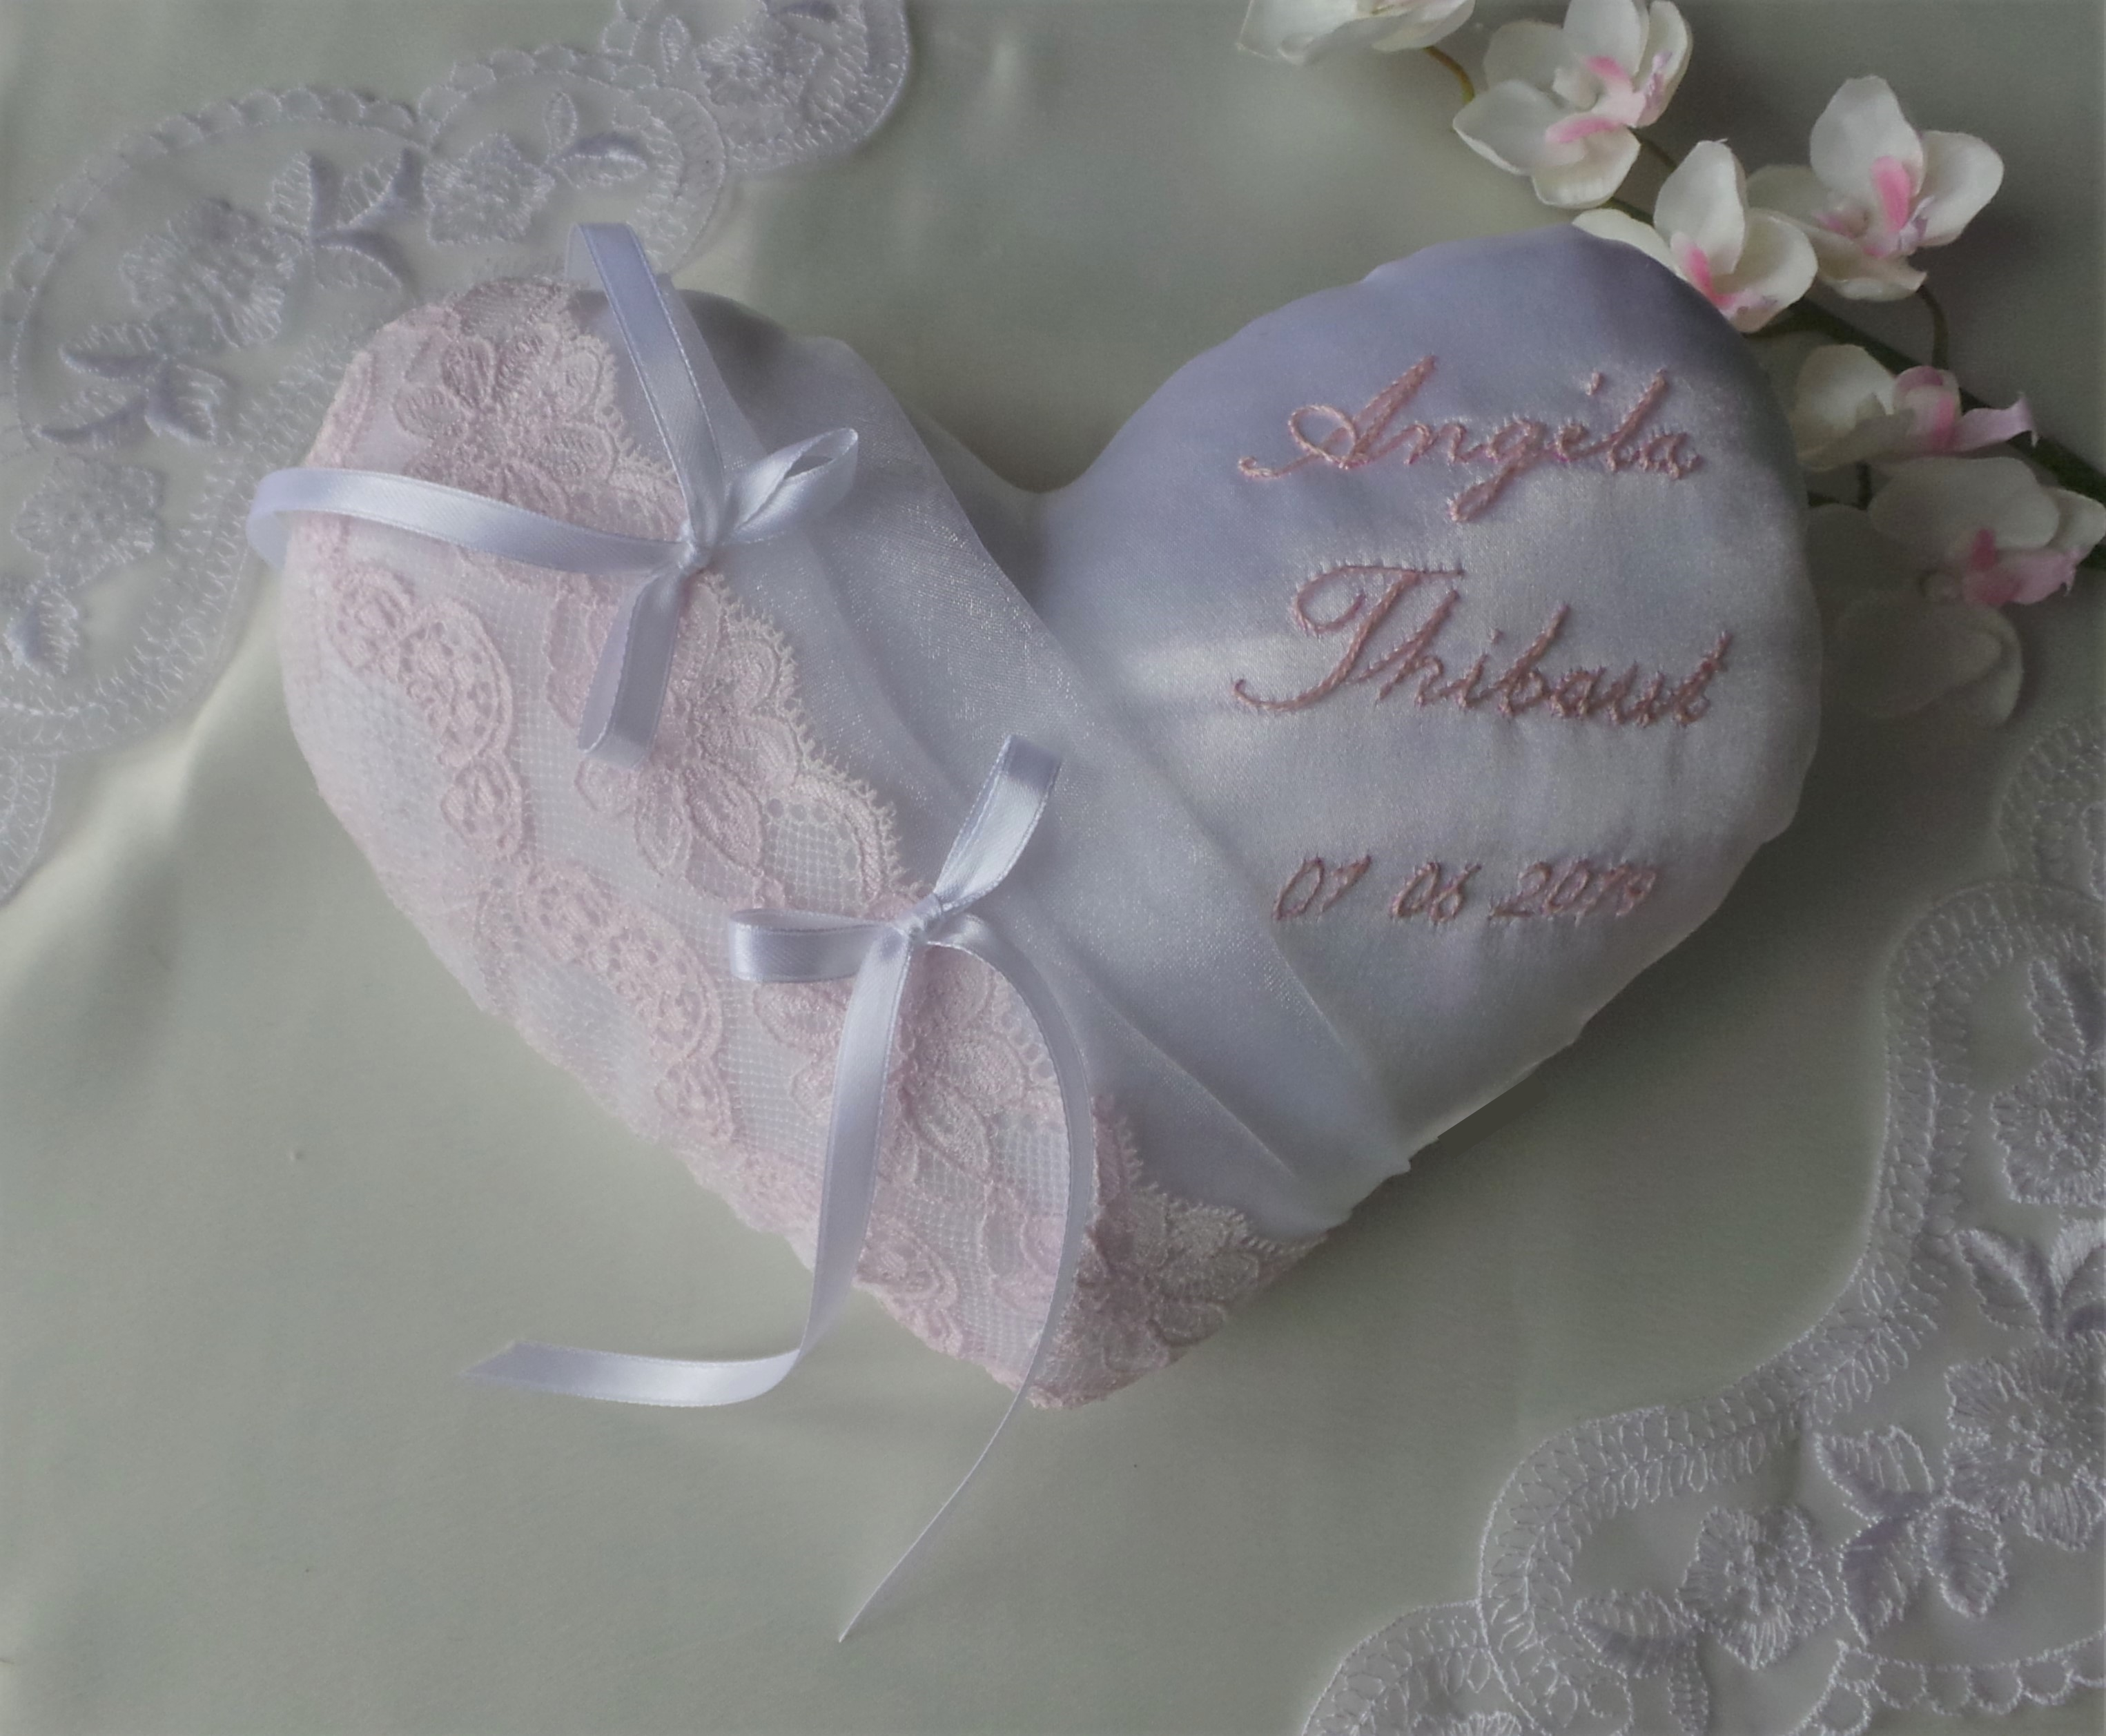 Coussin porte alliance coeur dentelle rose poudré pâle personnalisé